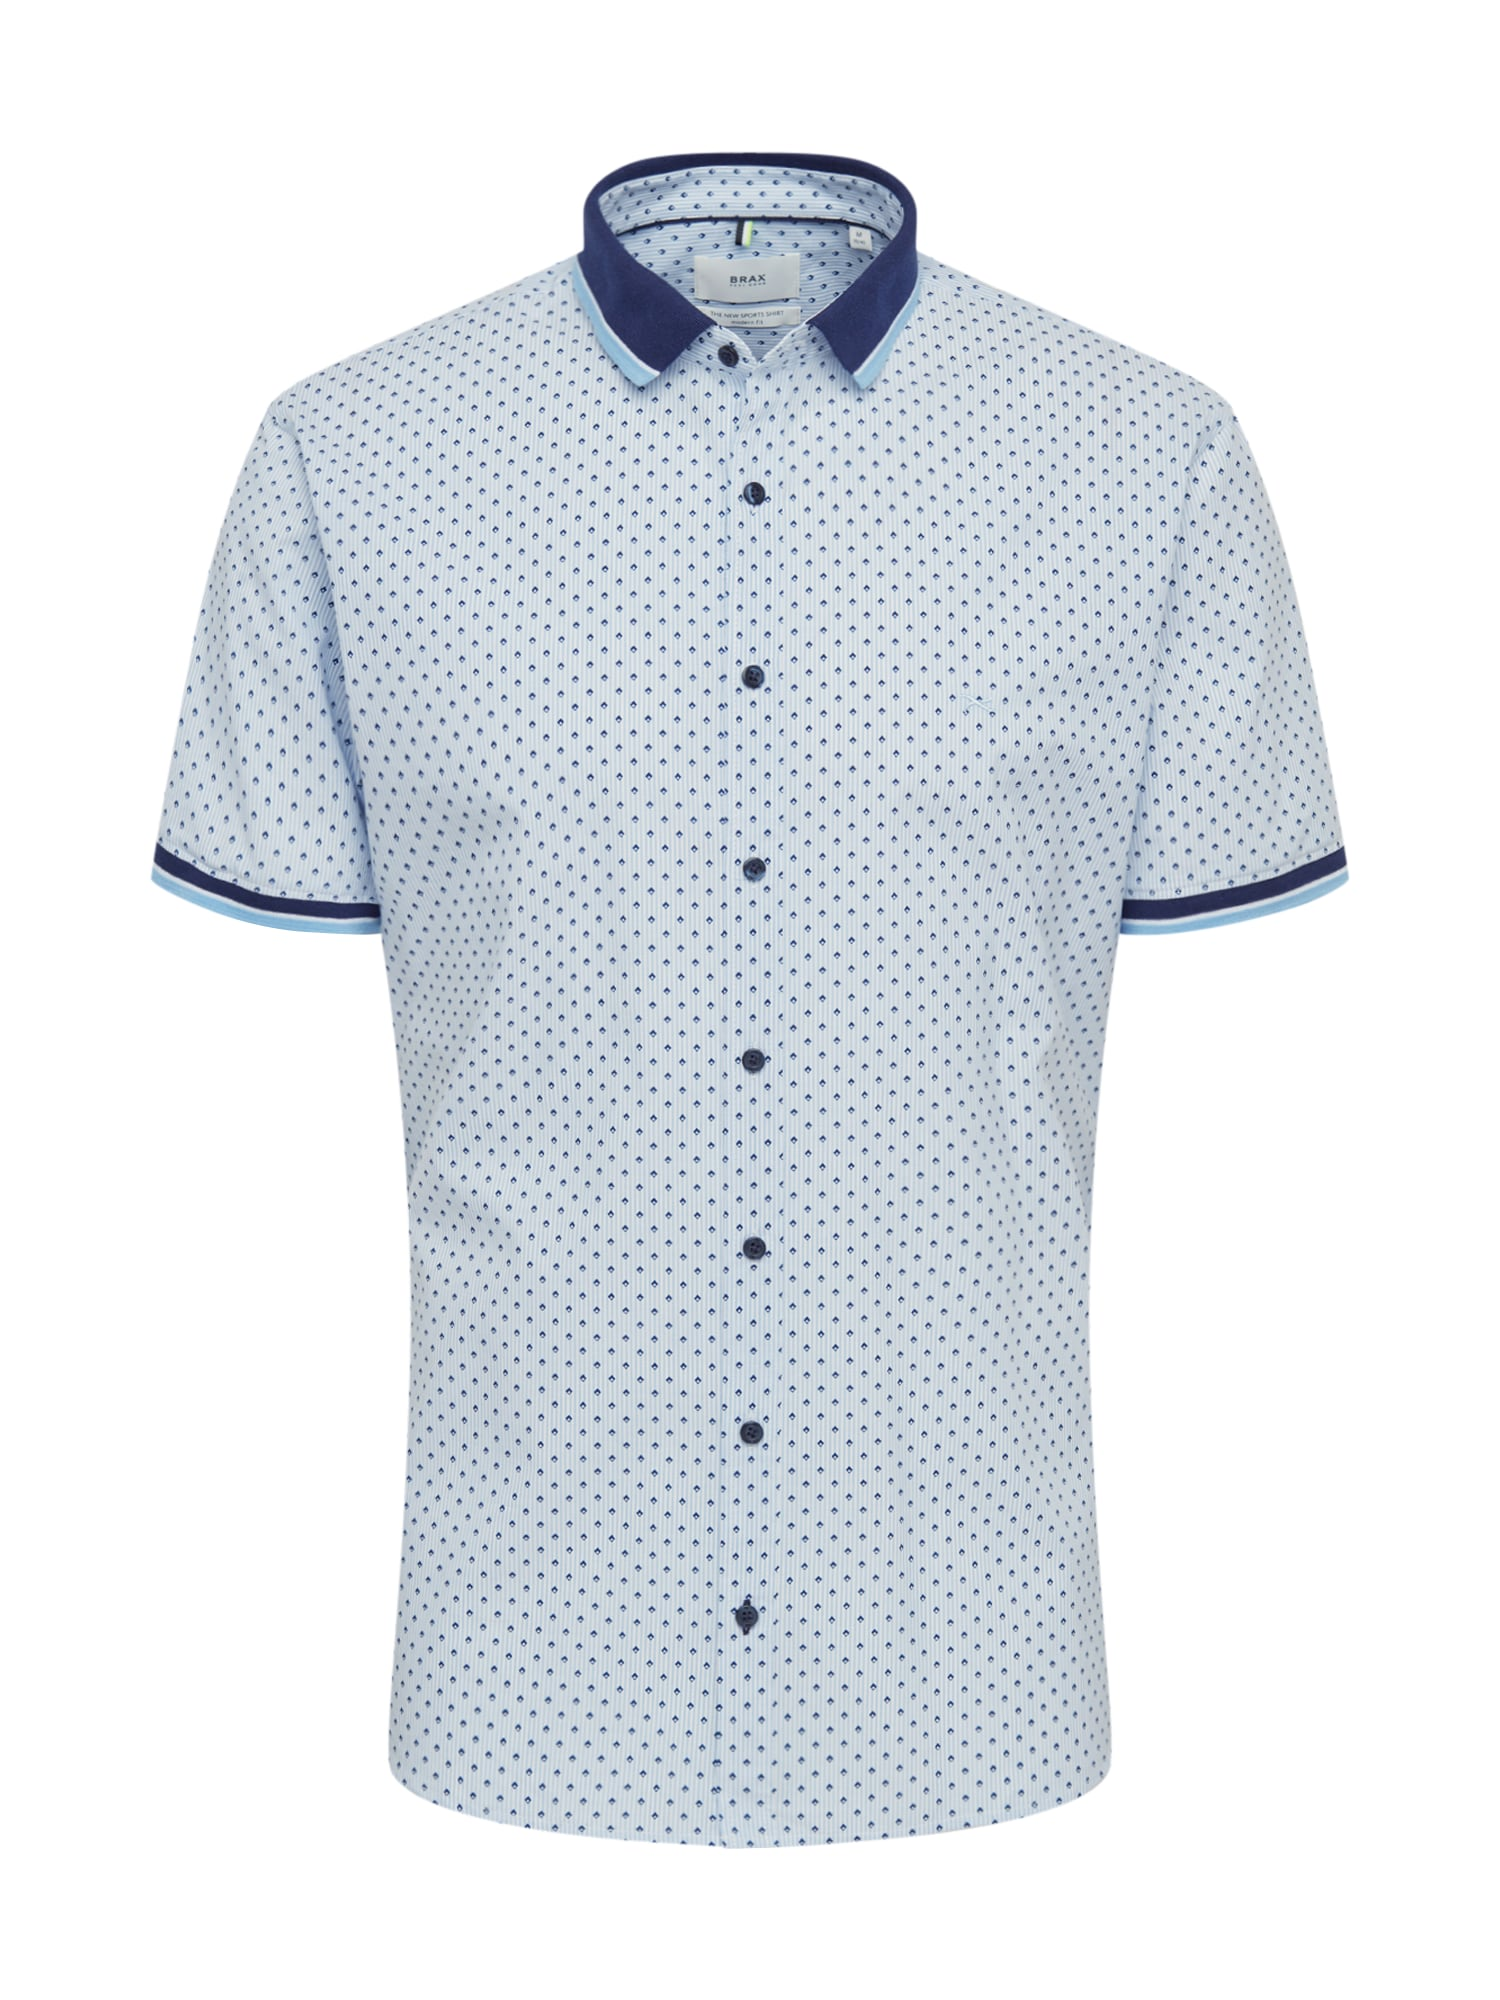 BRAX Dalykiniai marškiniai 'Luke' mėlyna